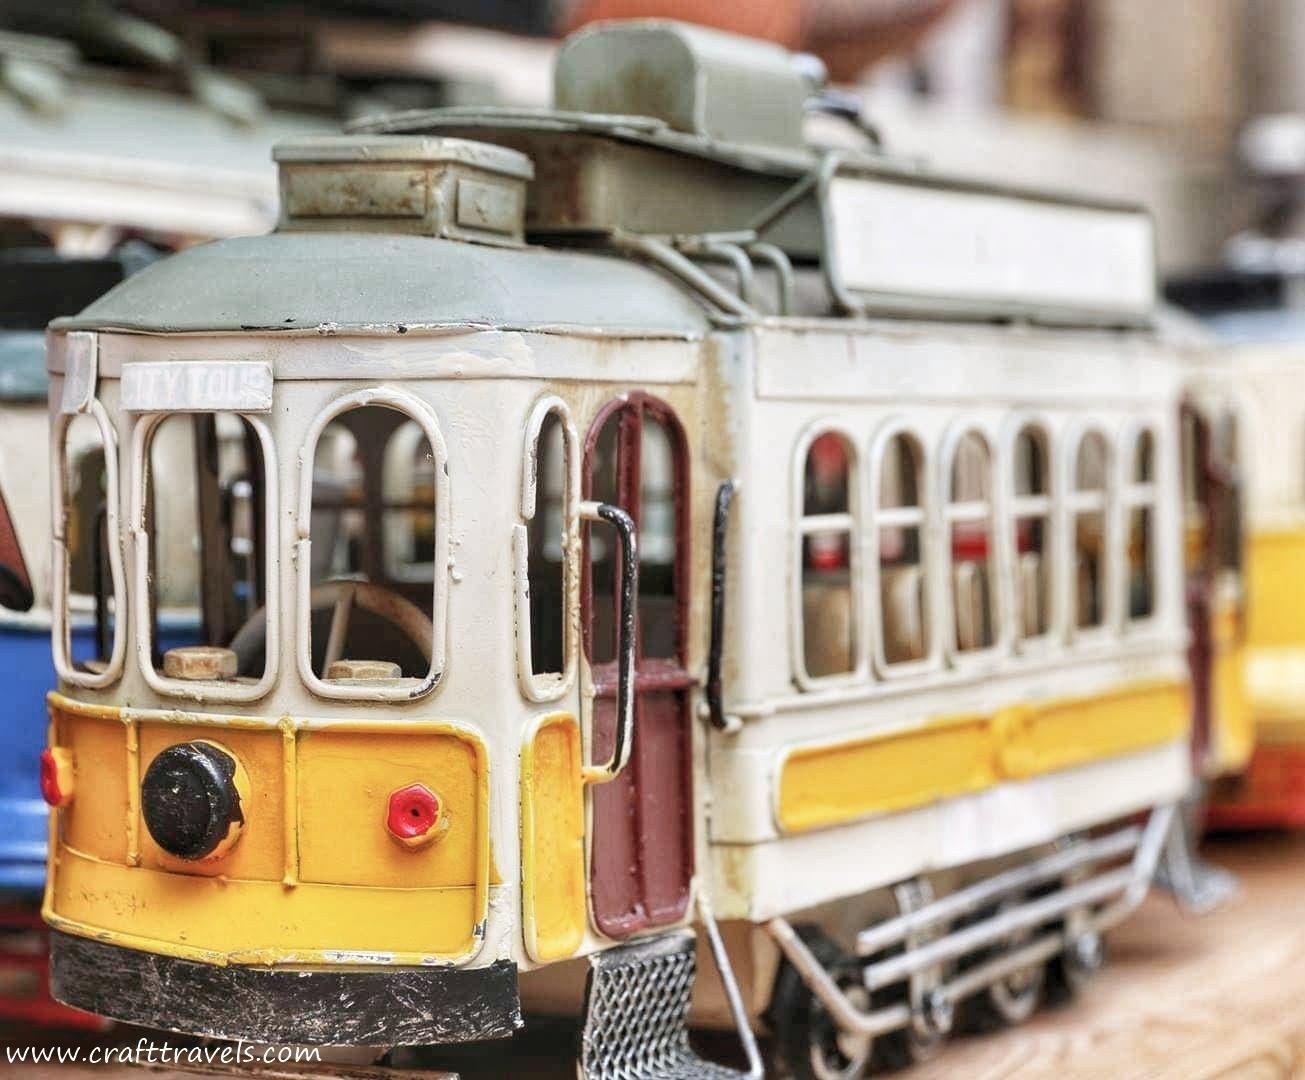 symbol Lizbony, tramwaj nr 28, tramwaj w Lizbonie, słynny tramwaj nr 28, żółty stary tramwaj